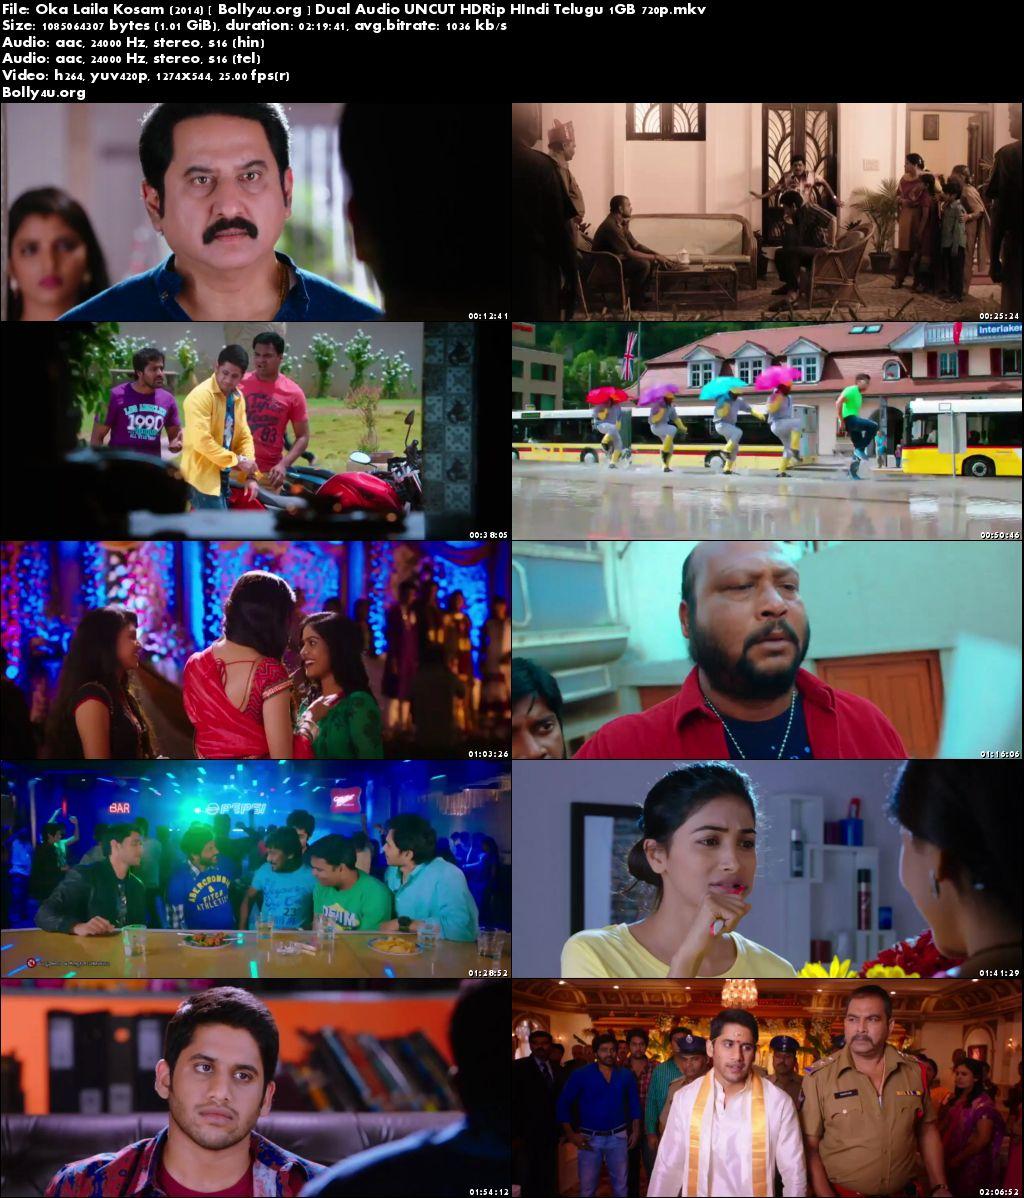 Oka Laila Kosam 2014 HDRip 1Gb Hindi Dubbed Dual Audio 720p Download